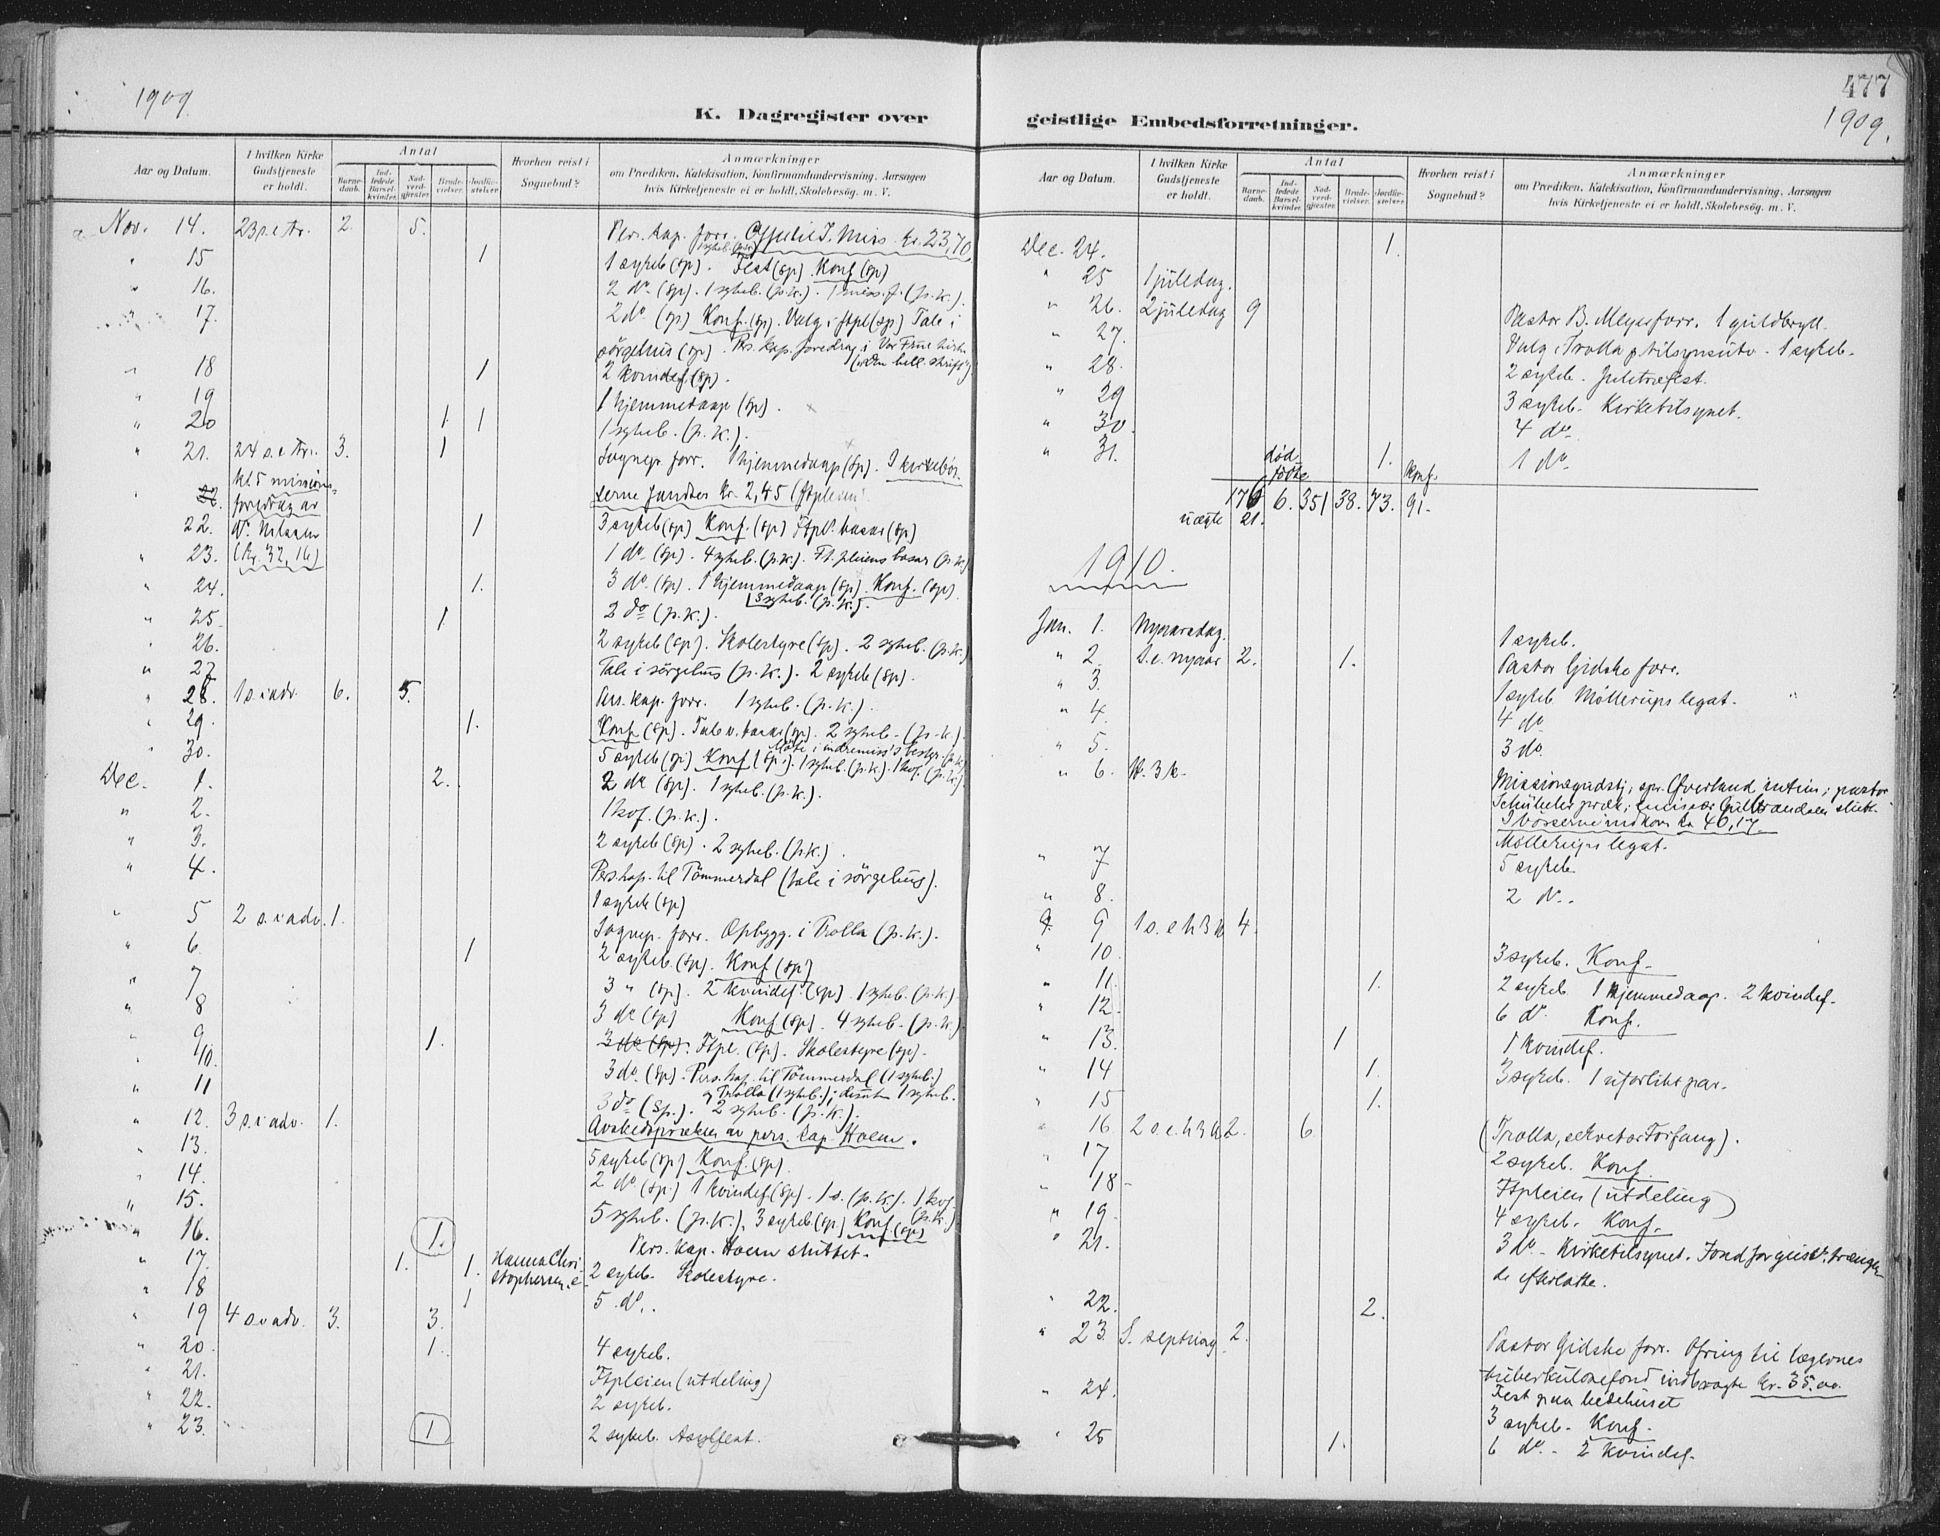 SAT, Ministerialprotokoller, klokkerbøker og fødselsregistre - Sør-Trøndelag, 603/L0167: Ministerialbok nr. 603A06, 1896-1932, s. 477